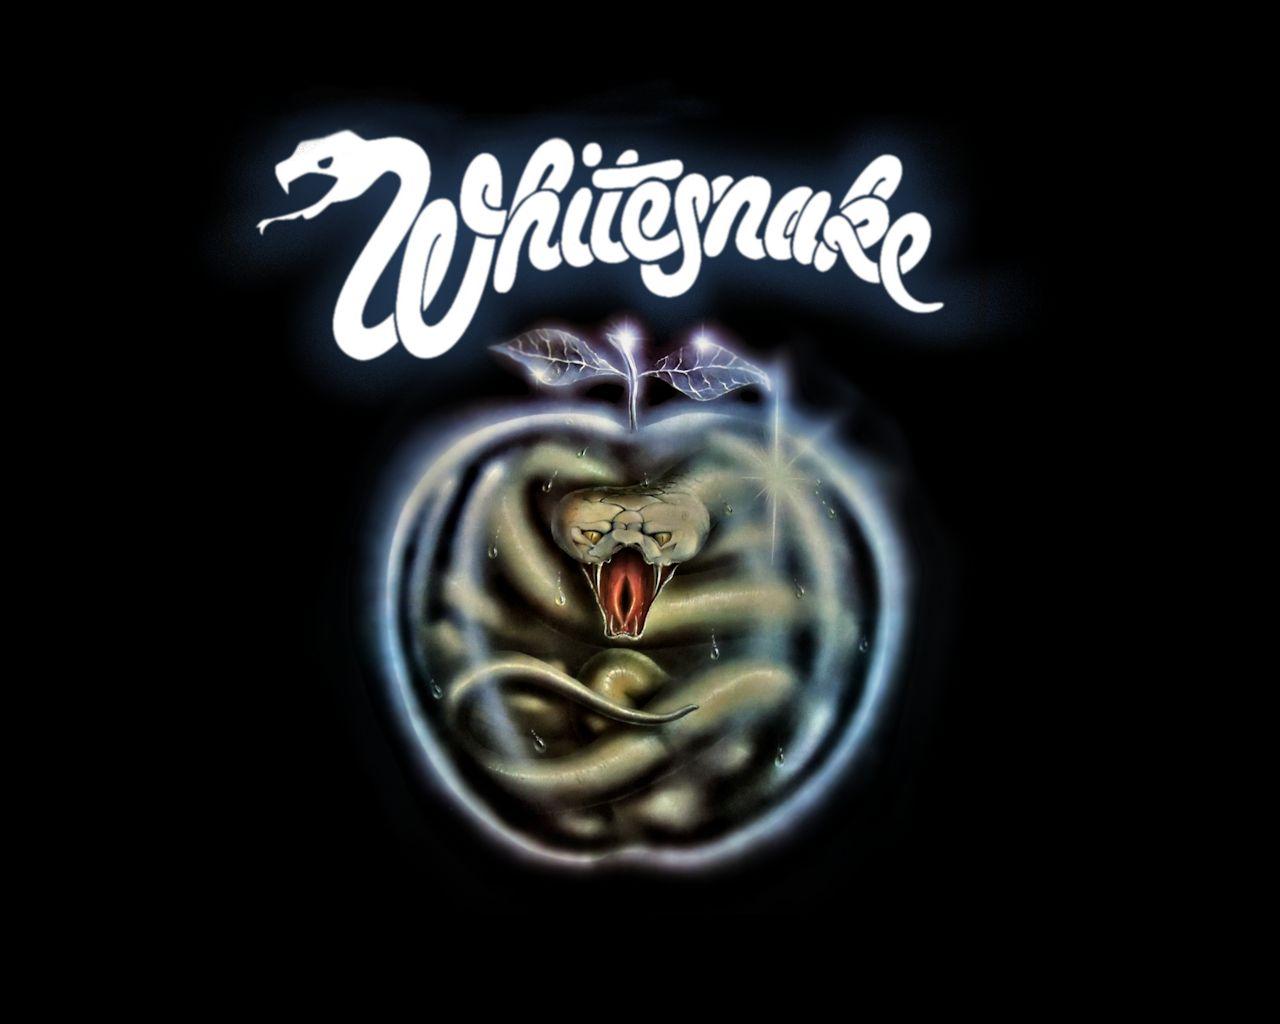 Whitesnake Wallpaper 1280x1024